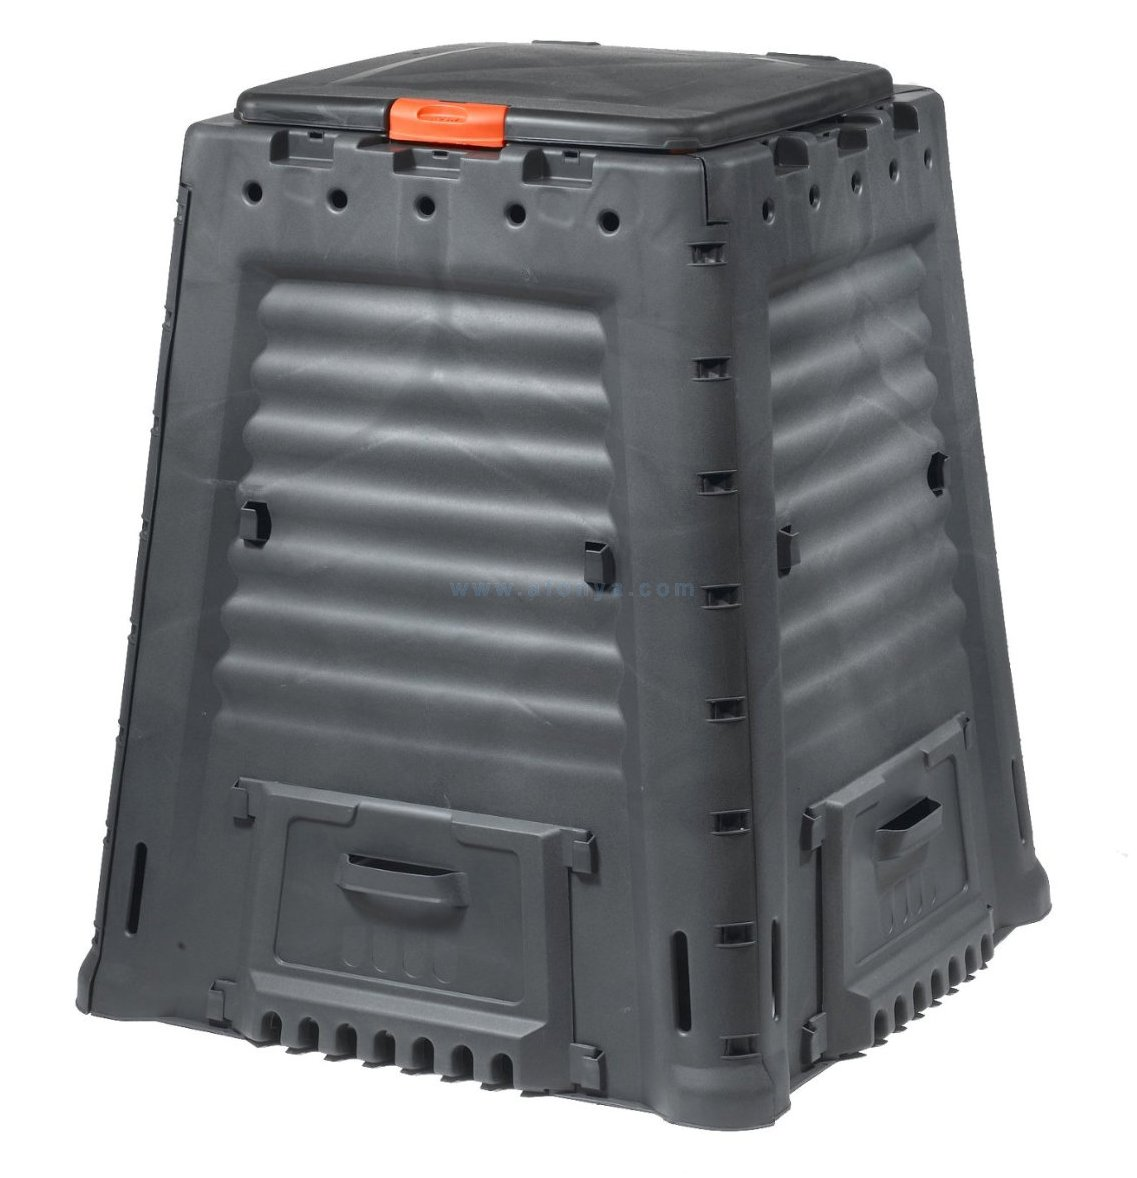 Компостер KETER MEGA COMPOSTER 650 L (87x87x107), 650л, без основания, черный